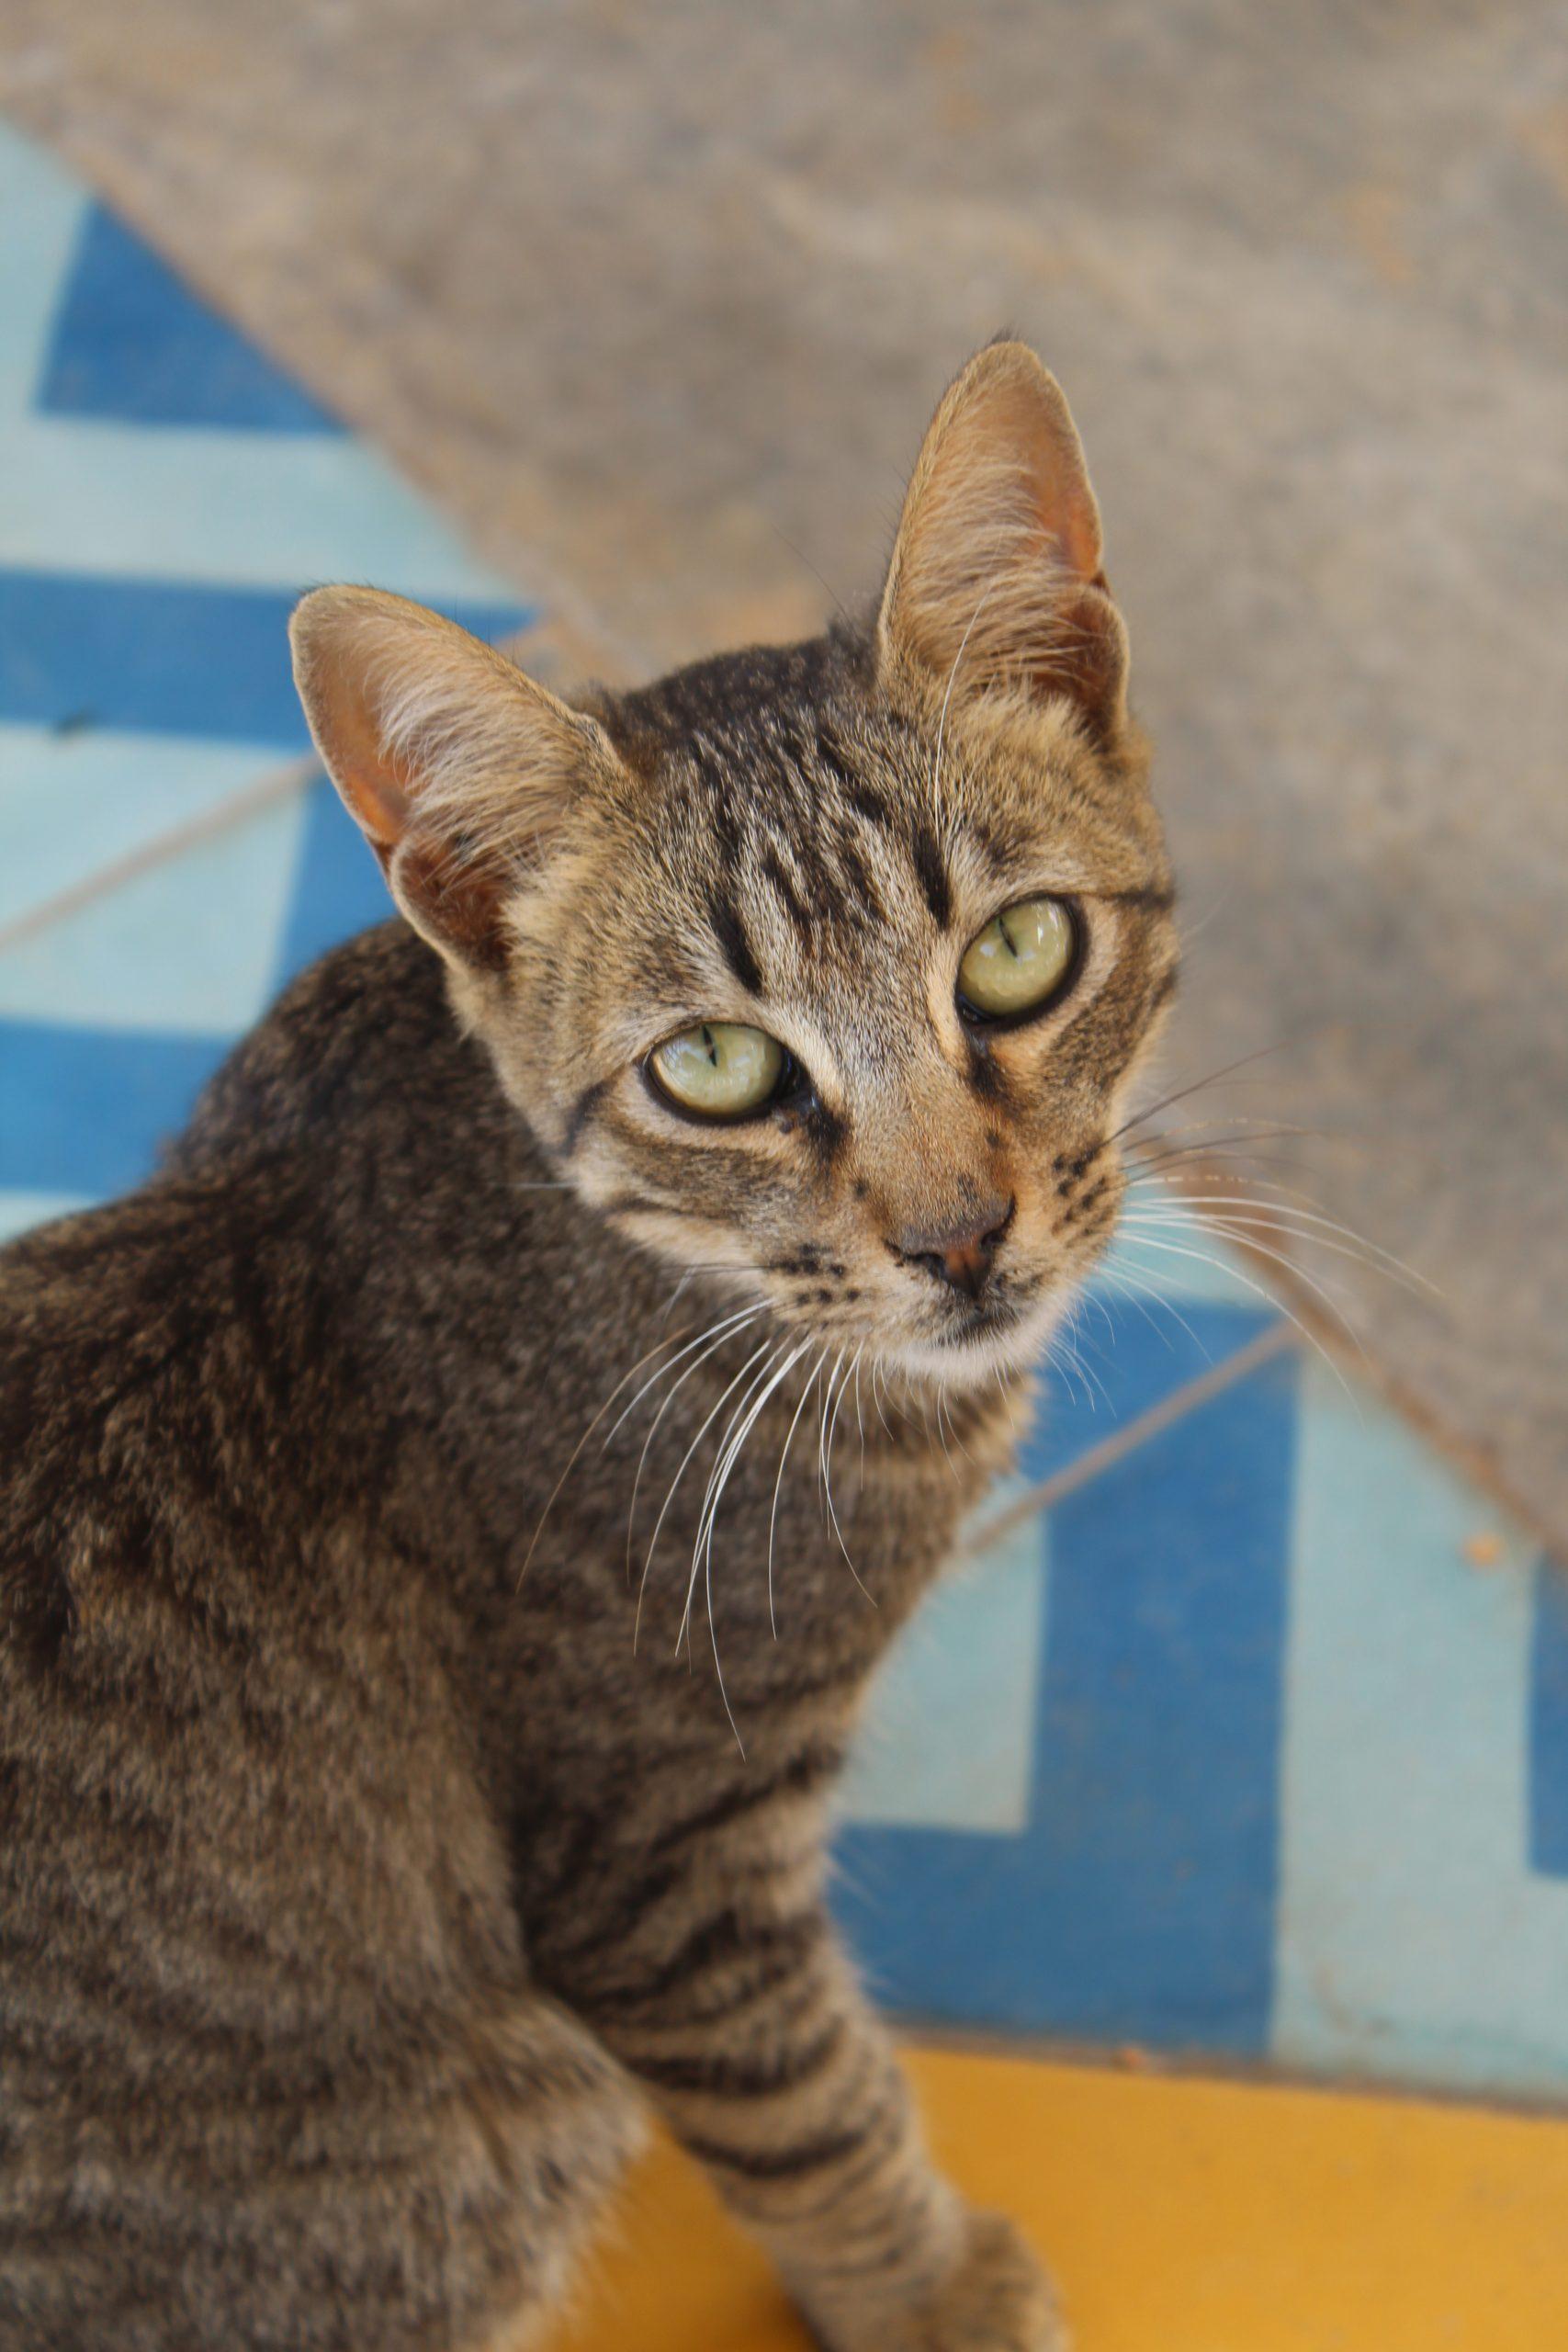 Kat in de zon van Taghazou